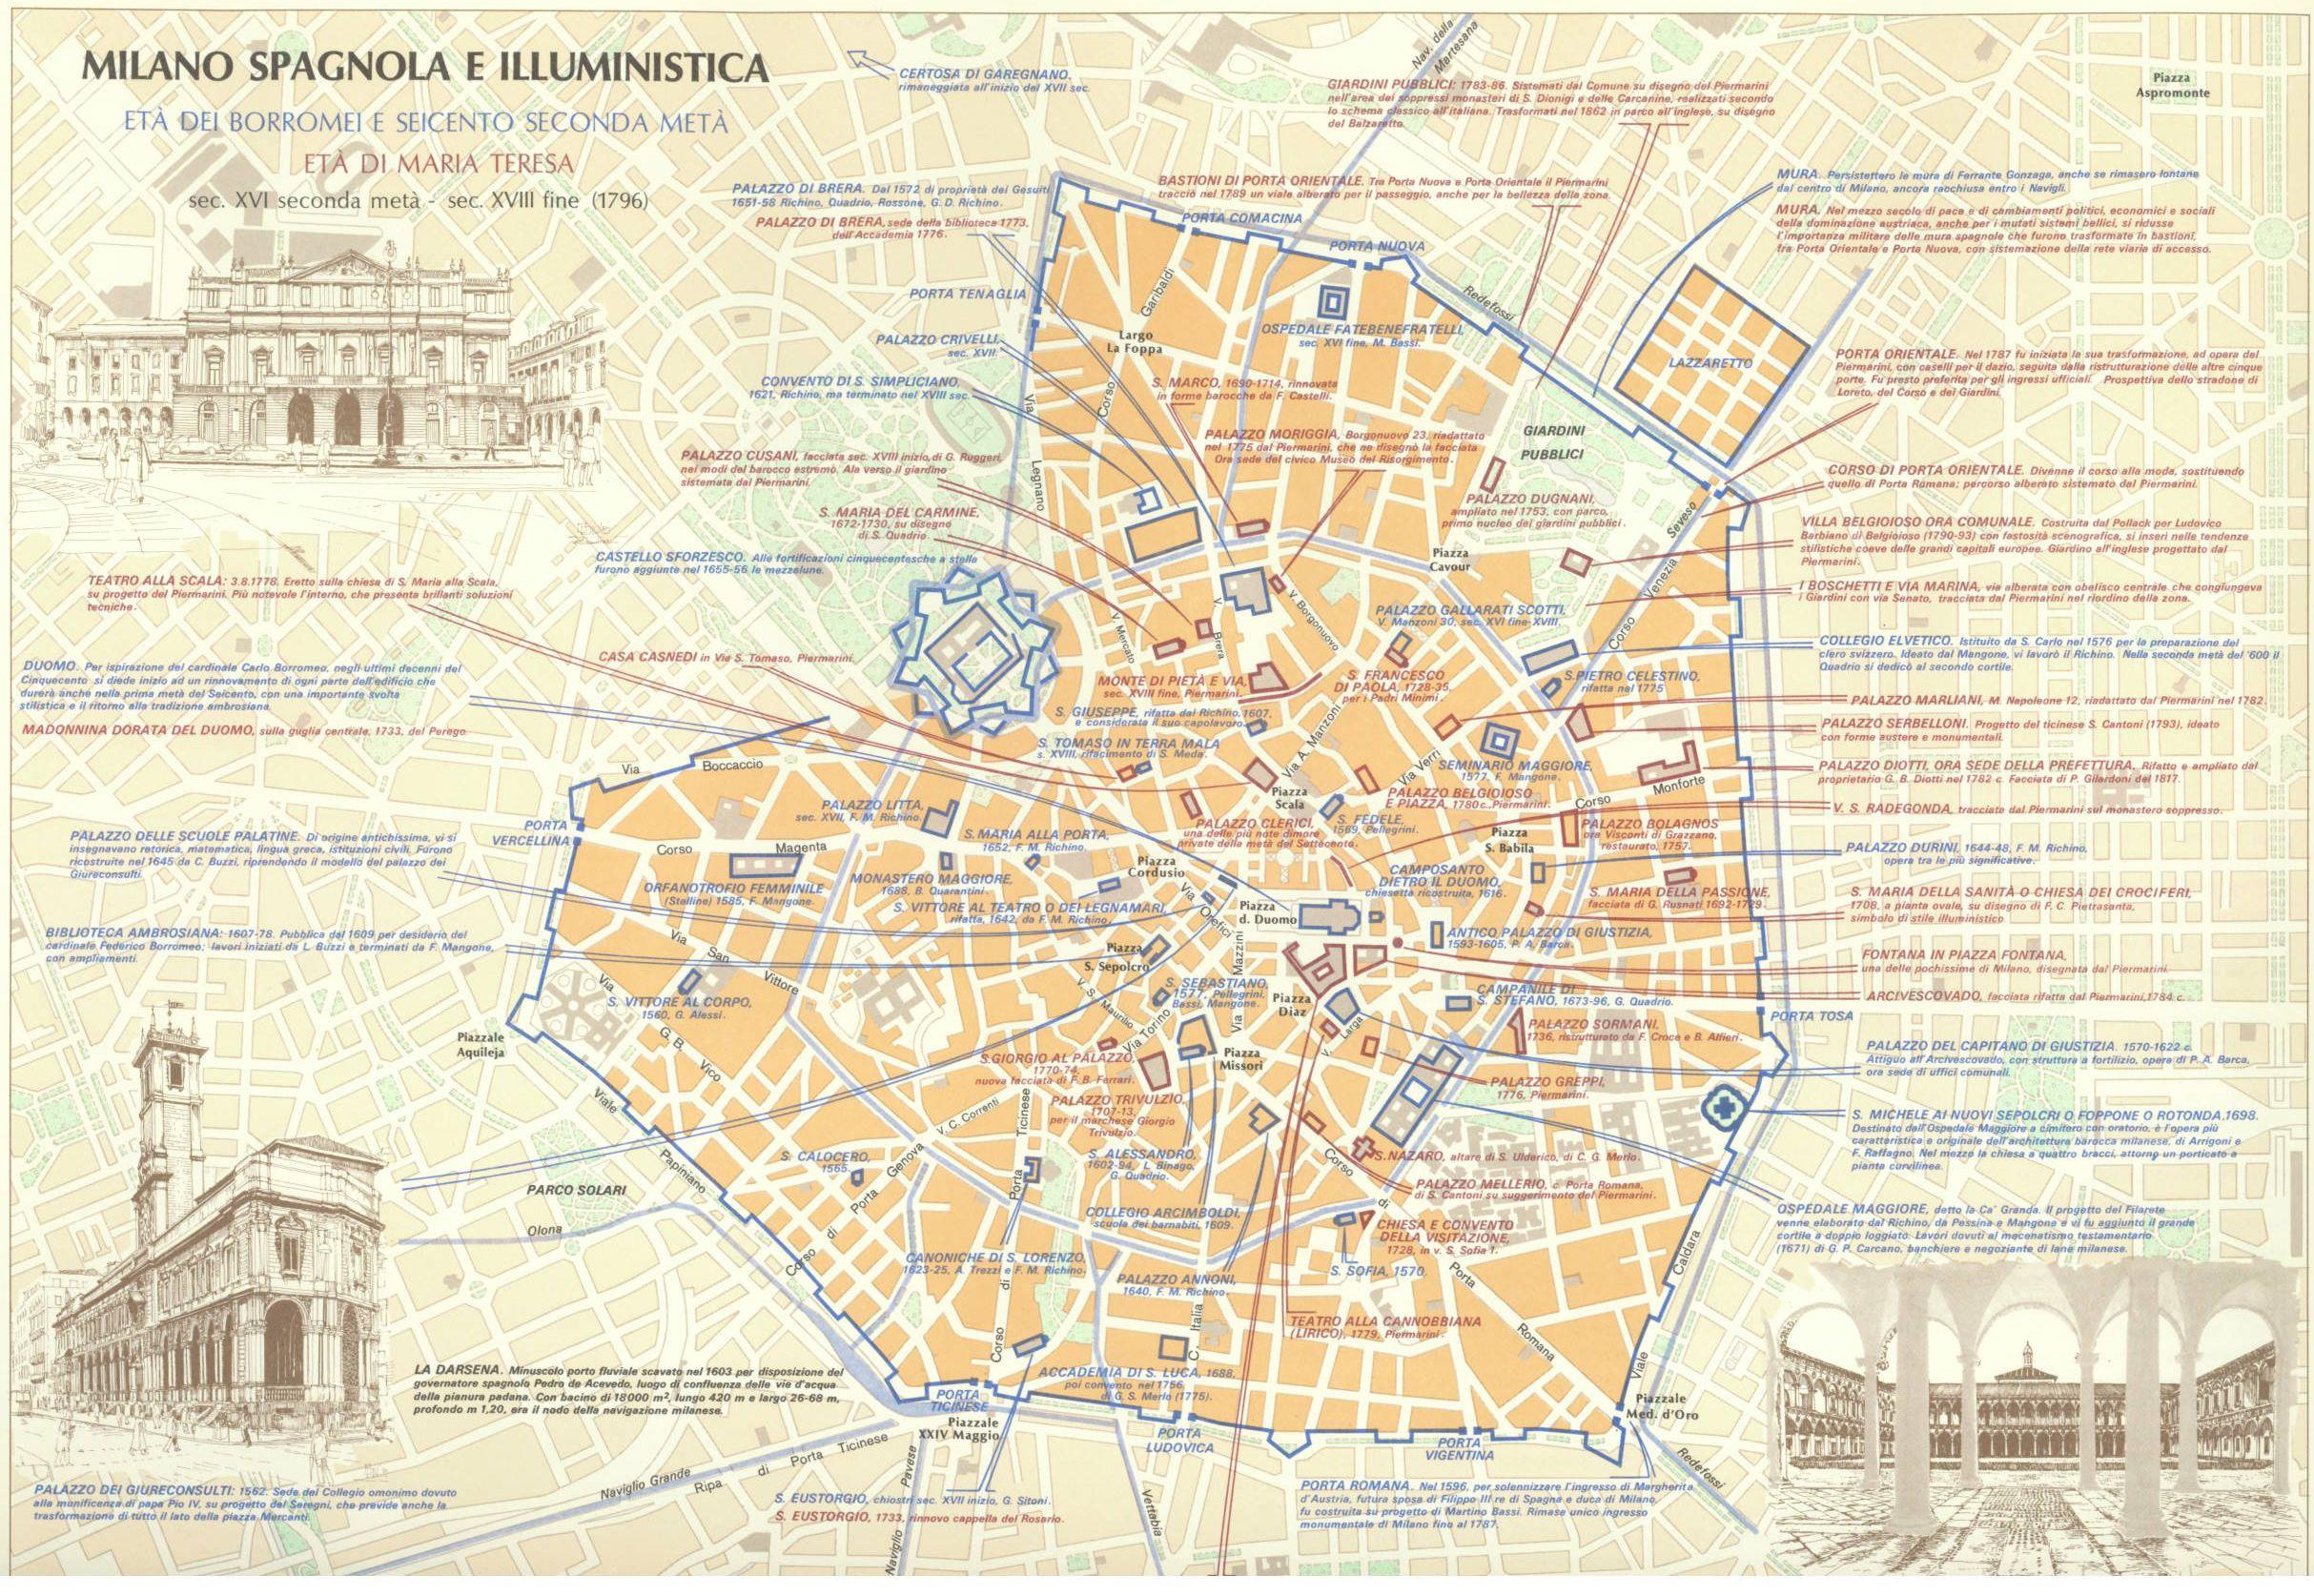 Cartina Spagna Orientale.Pin Di Francesco Palmia Su Milano Map Mappe Milano Mappa